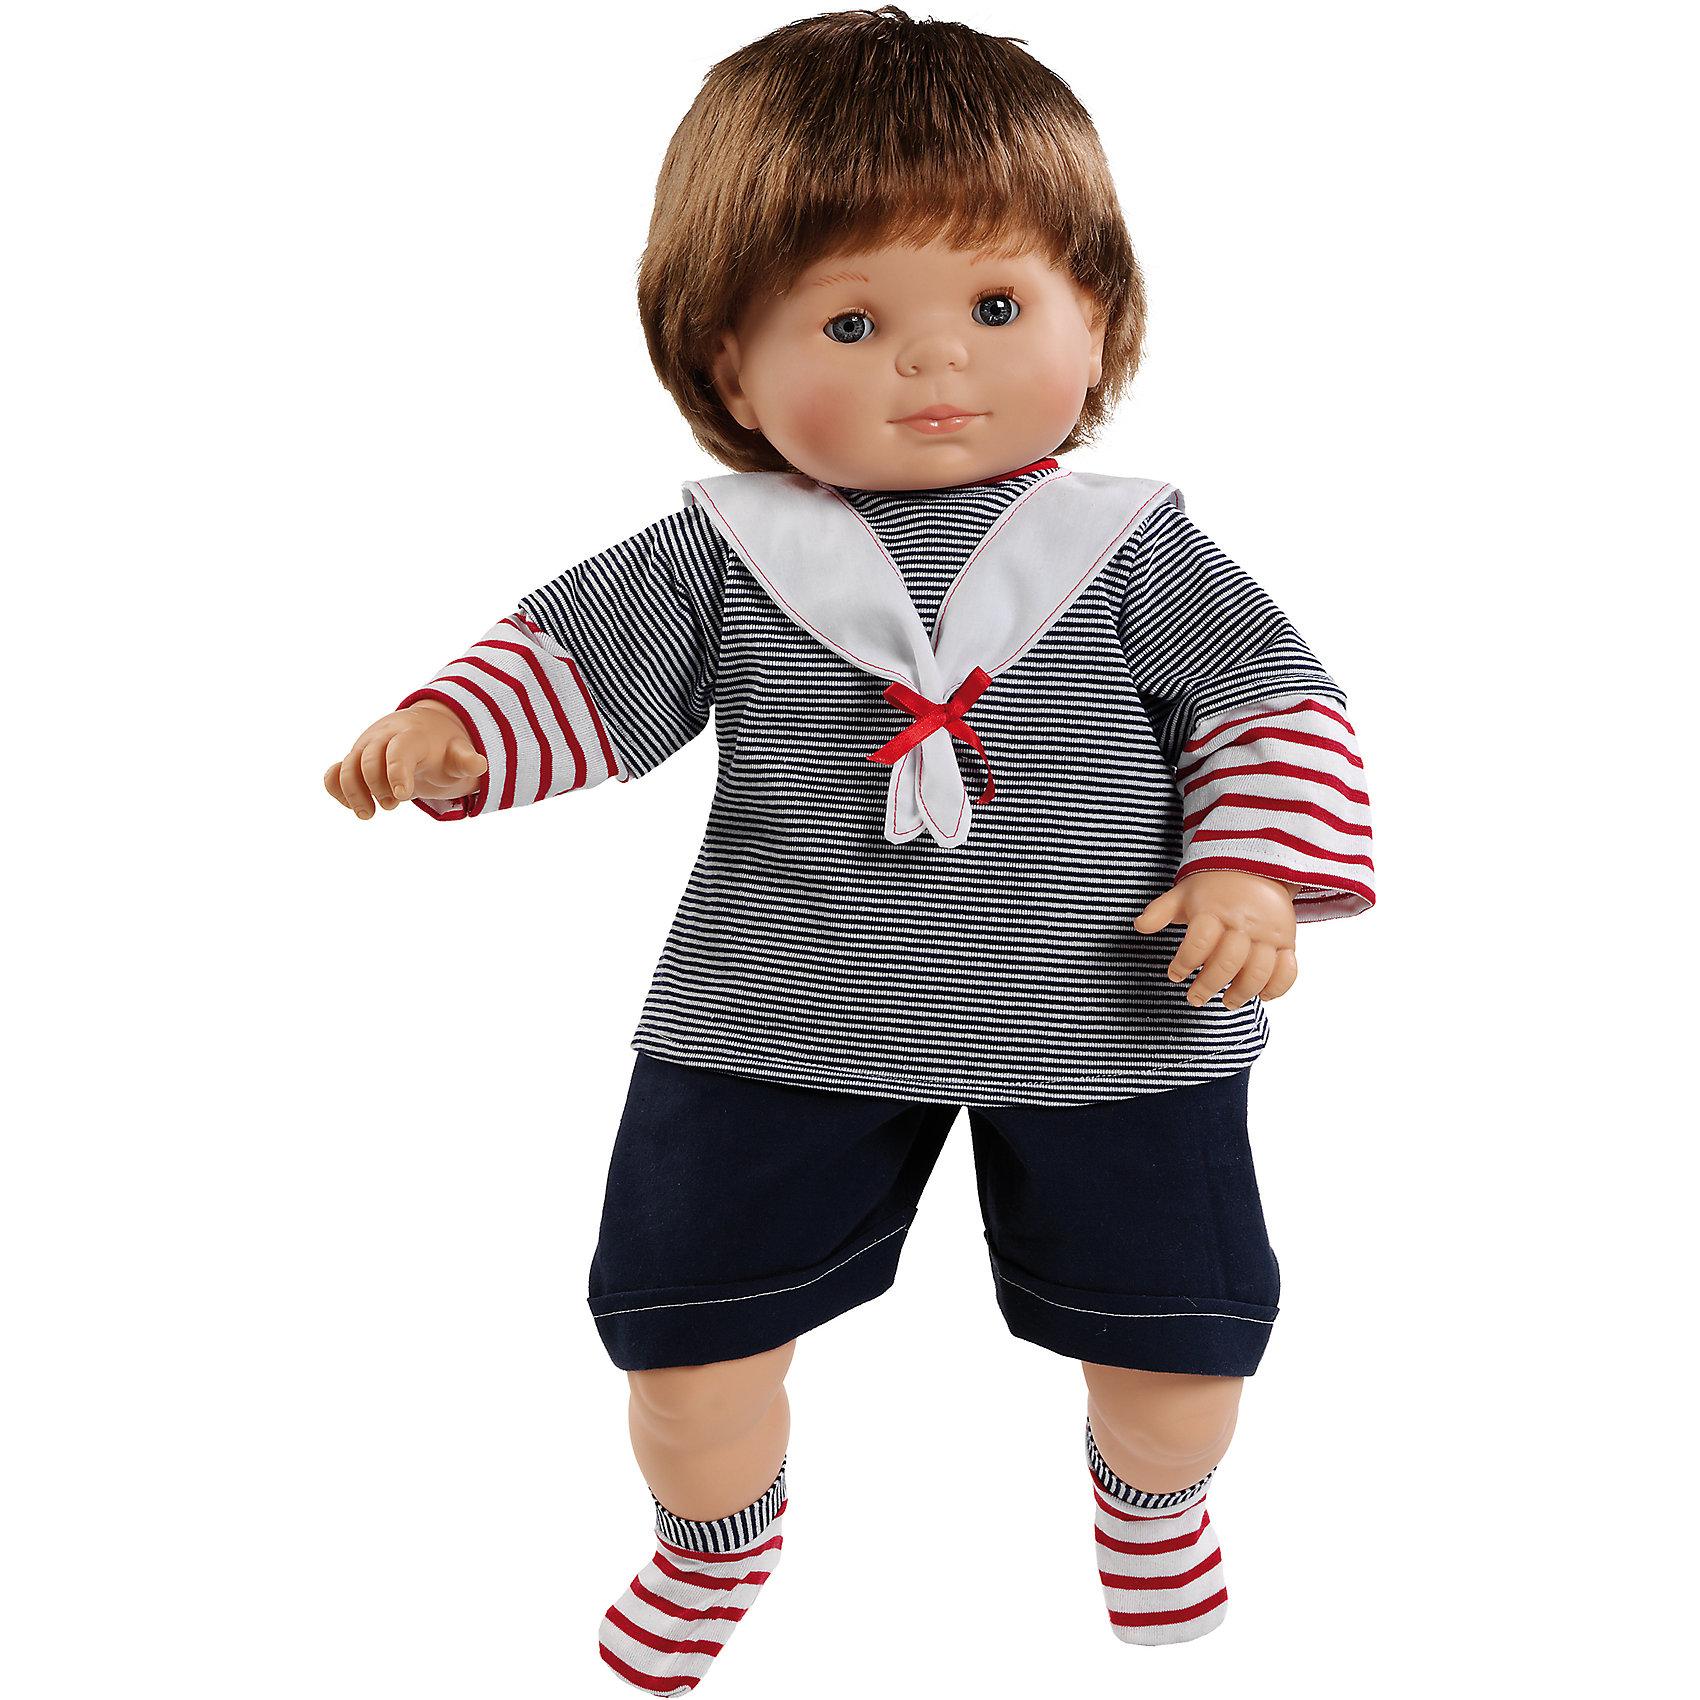 Paola Reina Кукла Маркос, 60см, Paola Reina кукла пупс без одежды 22см 31014 paola reina